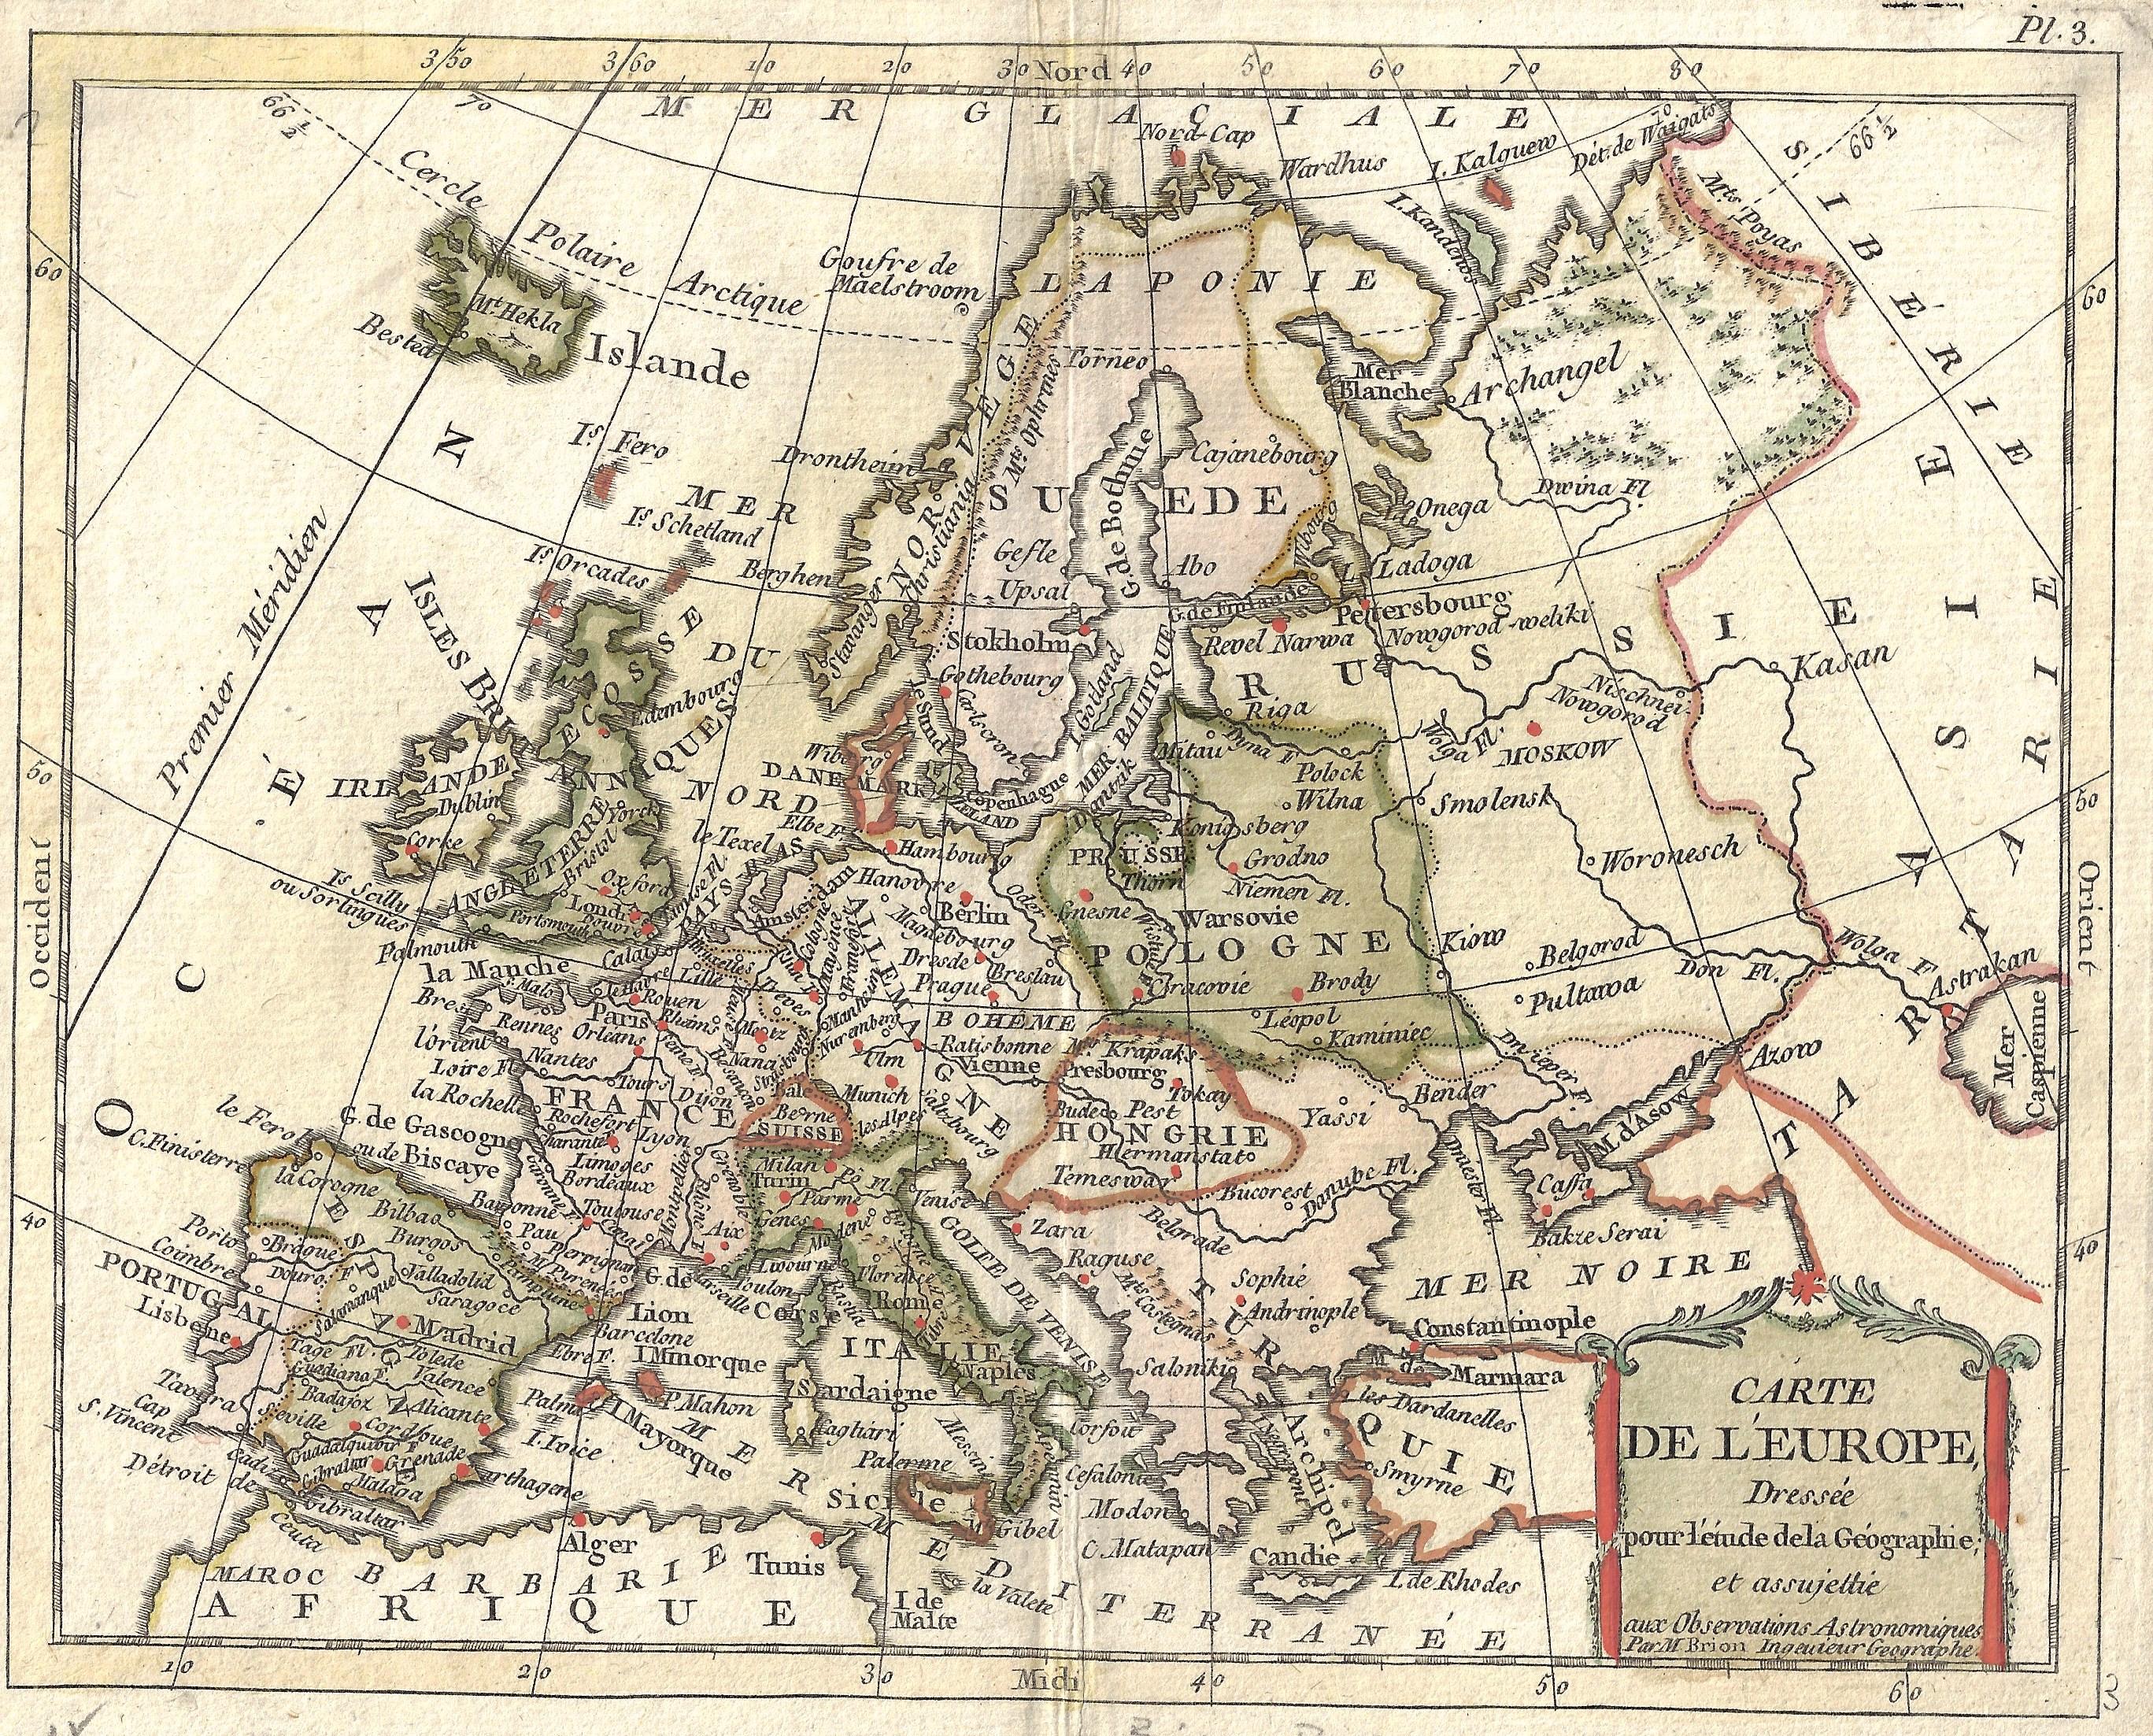 Brion de la Tour Louis Carte de l'Europe, Dressée pour l'eiude de la Géographie